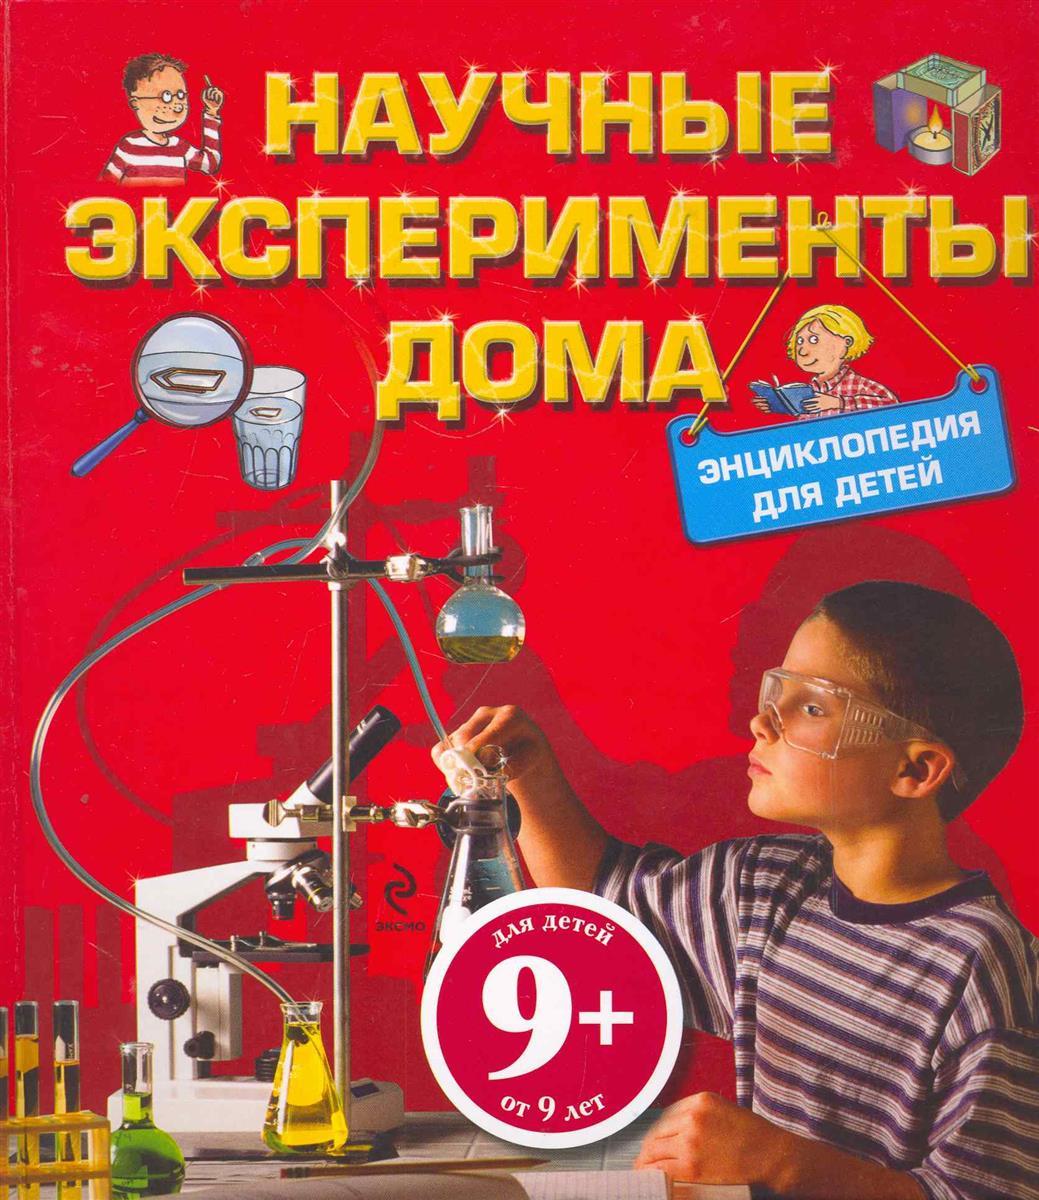 Лемени-Македона П. (пер). Научные эксперименты дома Энц. для детей